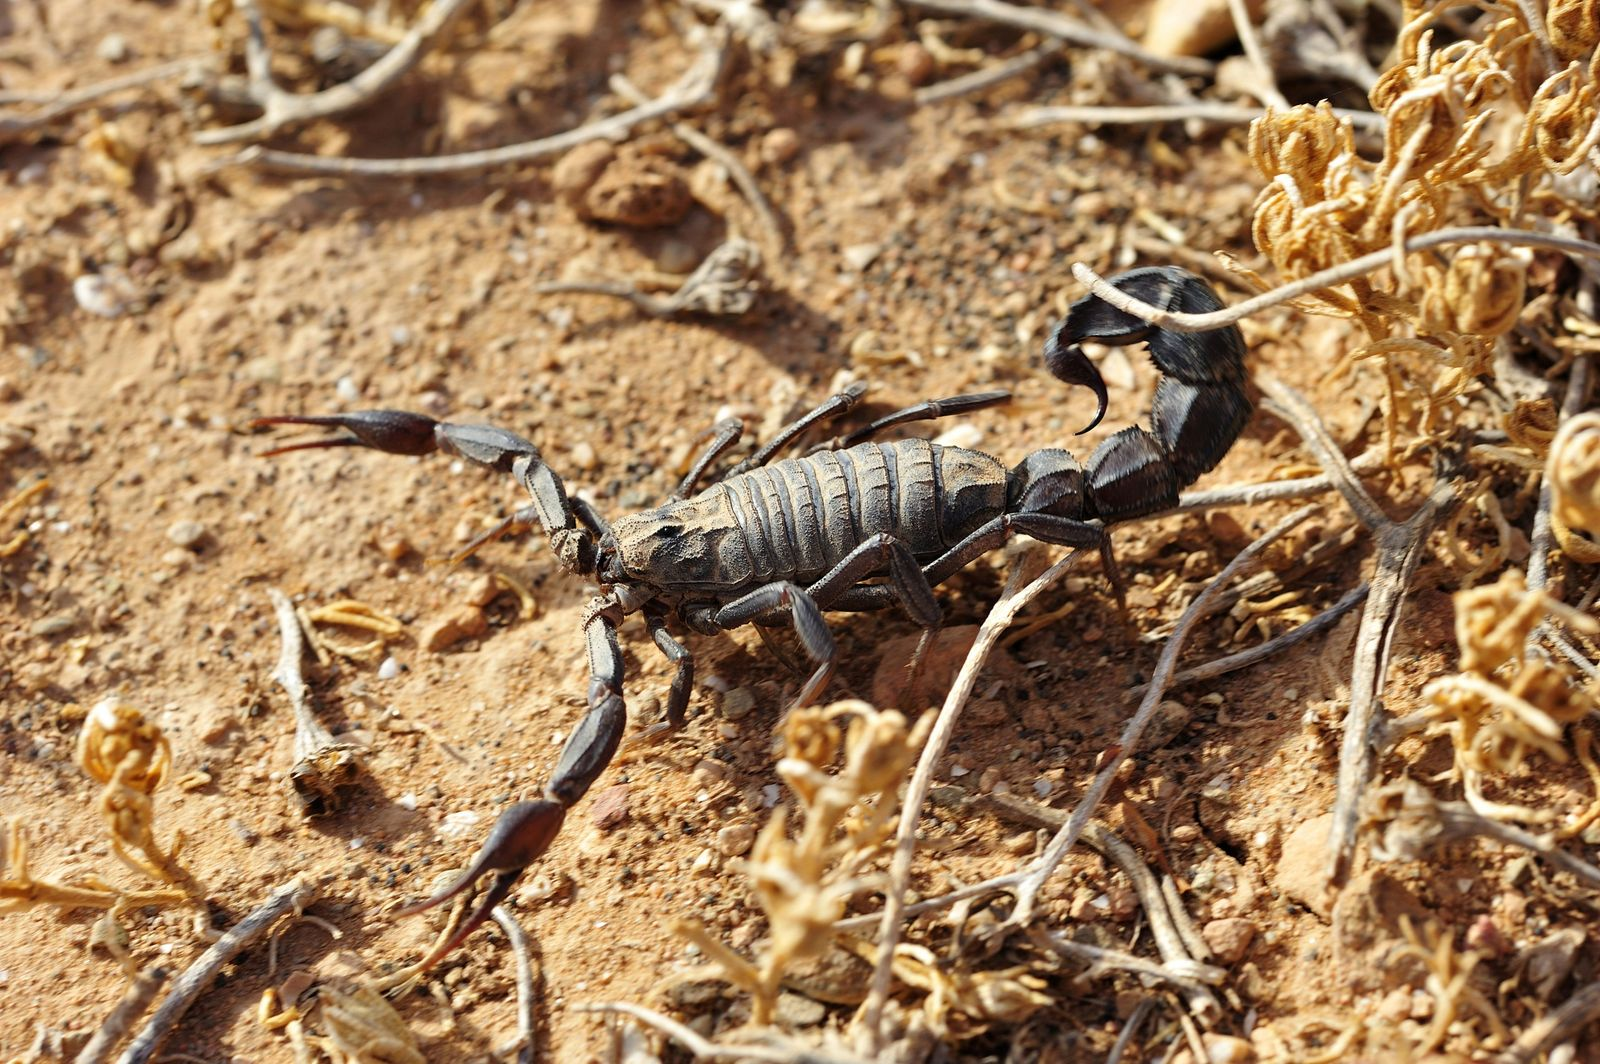 NICHT MEHR VERWENDEN! - Skorpion